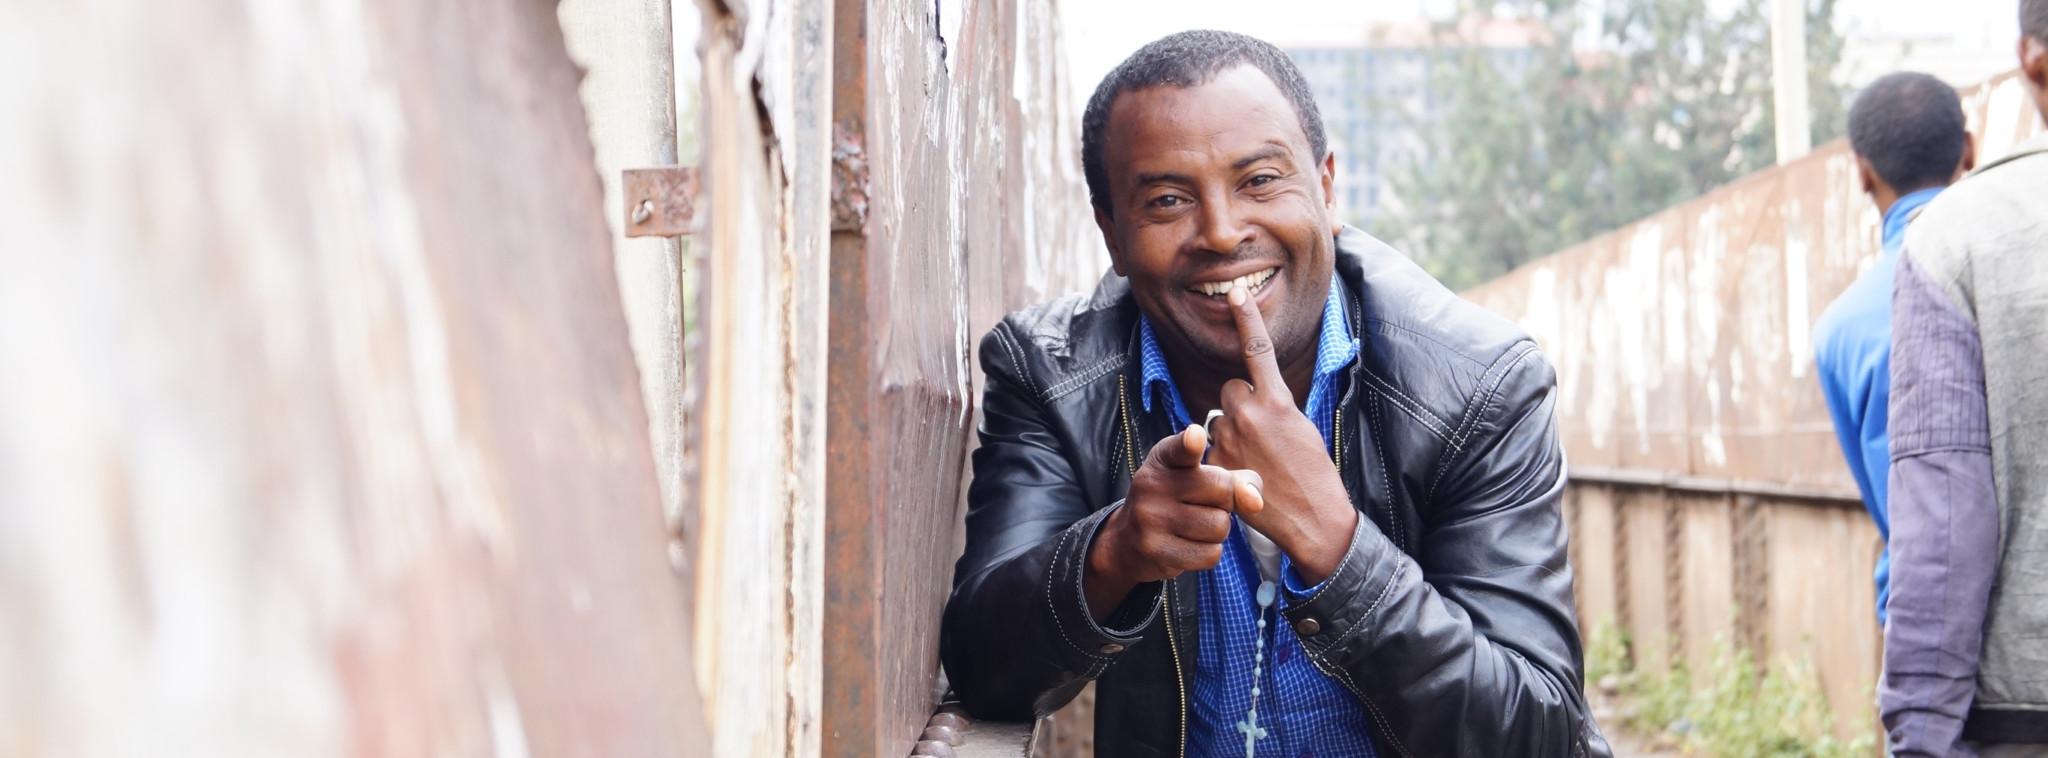 Äthiopien Gesundheitstipps